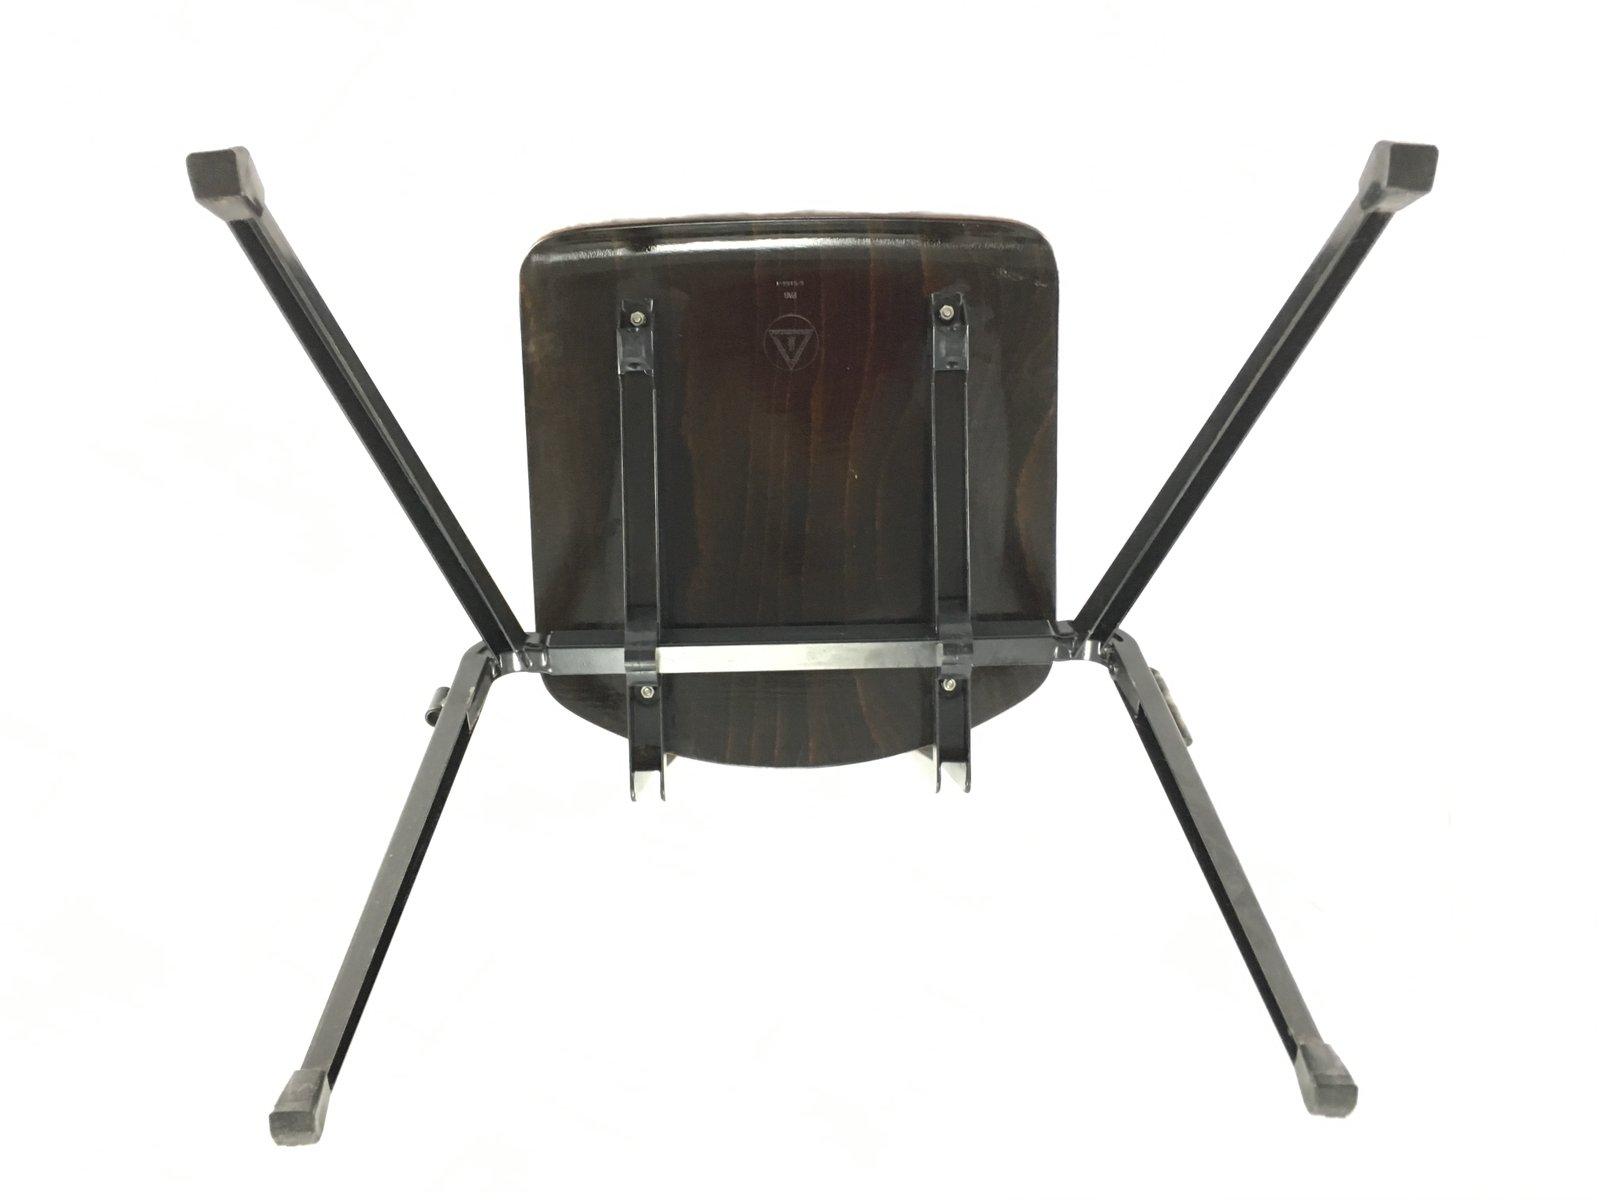 chaise noire industrielle empilable de galvanitas en vente sur pamono. Black Bedroom Furniture Sets. Home Design Ideas